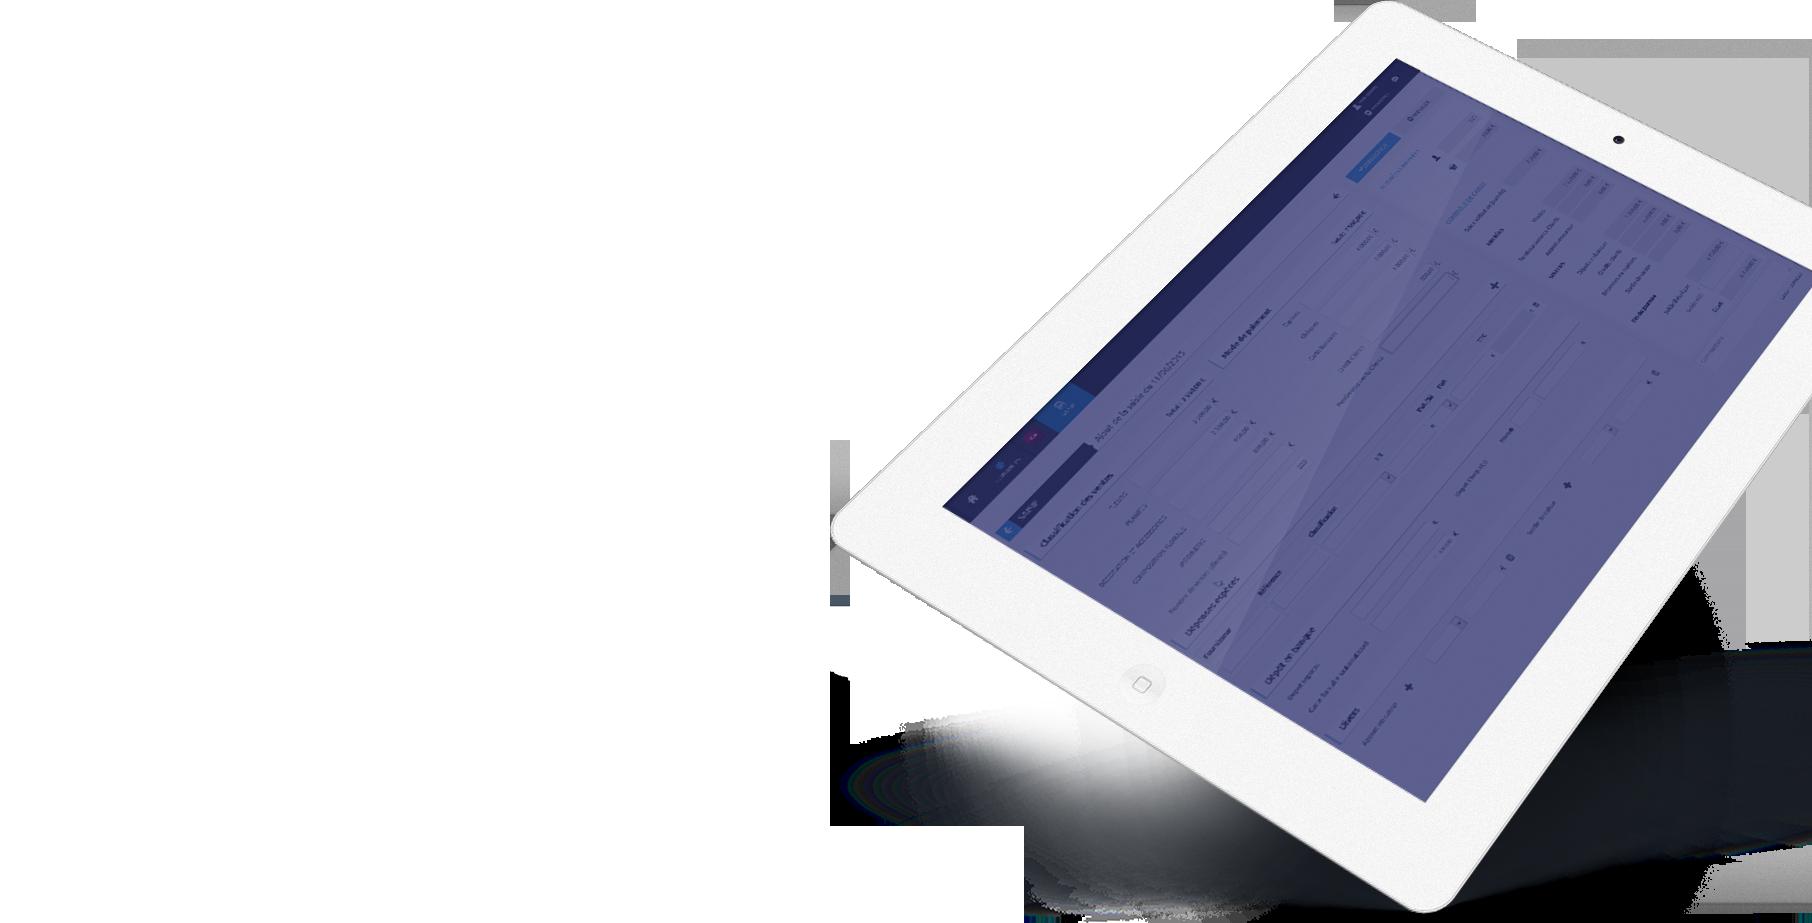 digital-tool-for-billing